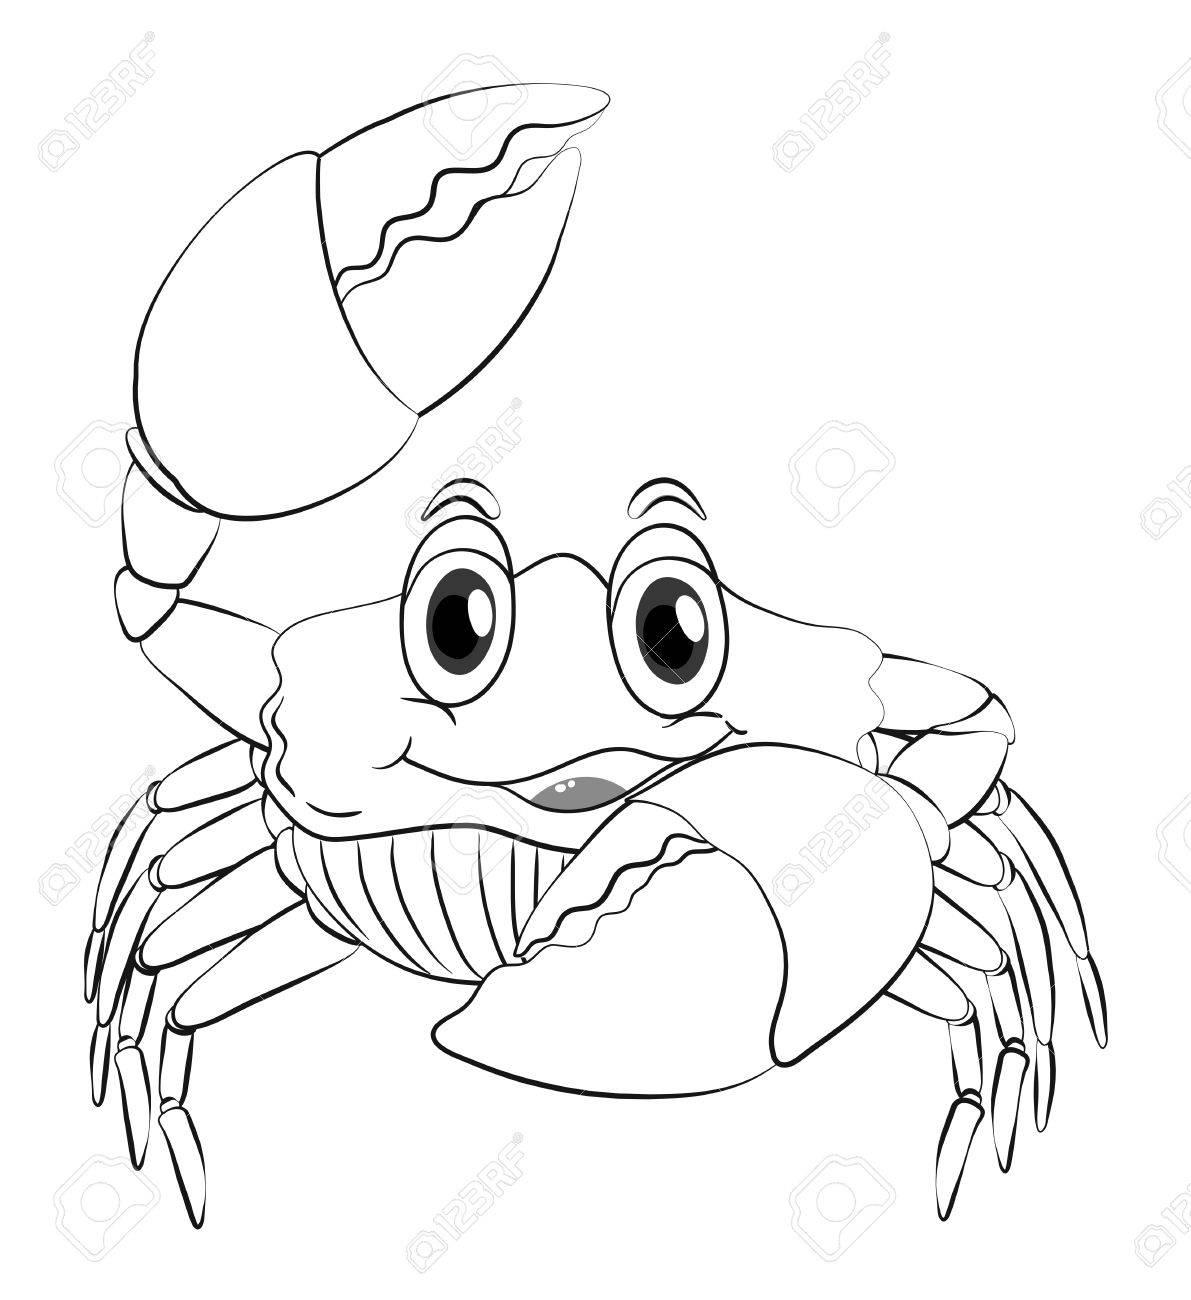 Tier Umriss Für Krabbe Illustration Lizenzfrei Nutzbare ...